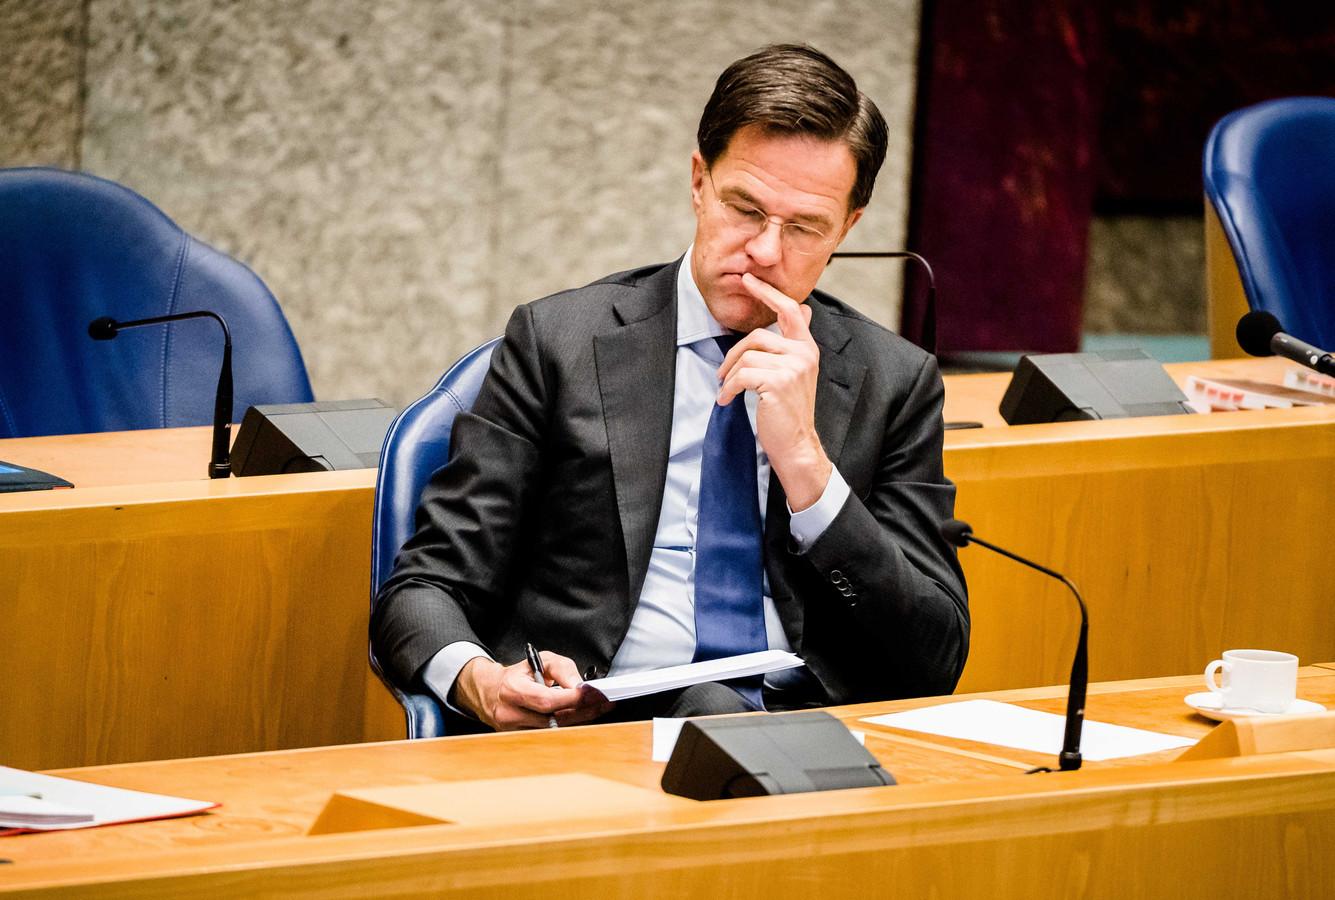 Premier Mark Rutte zei vorige week woensdag in het Tweede Kamerdebat over de ontwikkelingen rondom het coronavirus nog dat hij hoopte een dag later met de premiers van Italië en Spanje te kunnen spreken.